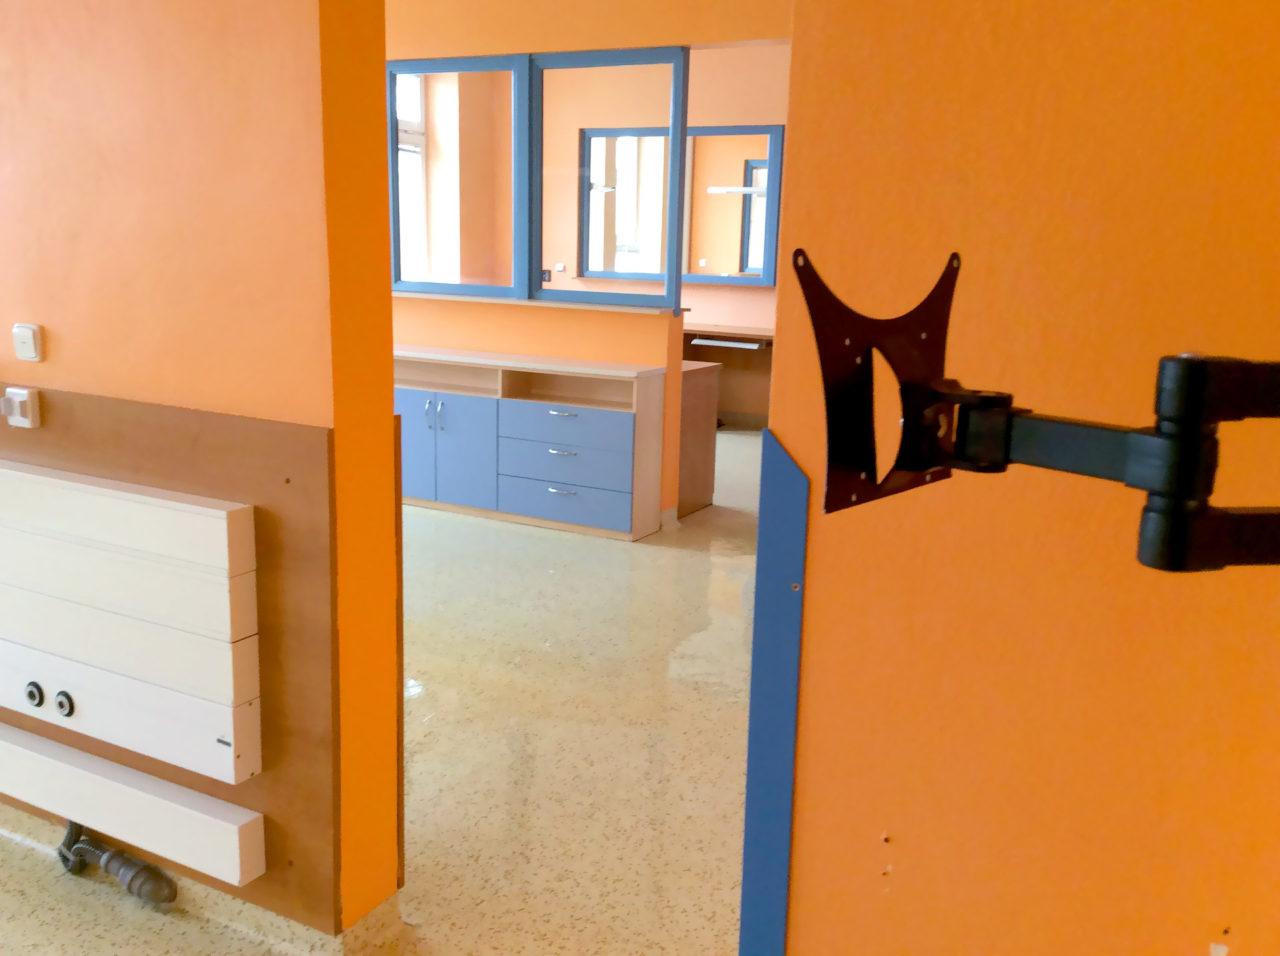 Generální po stavební úklid nemocnice Jilemnice